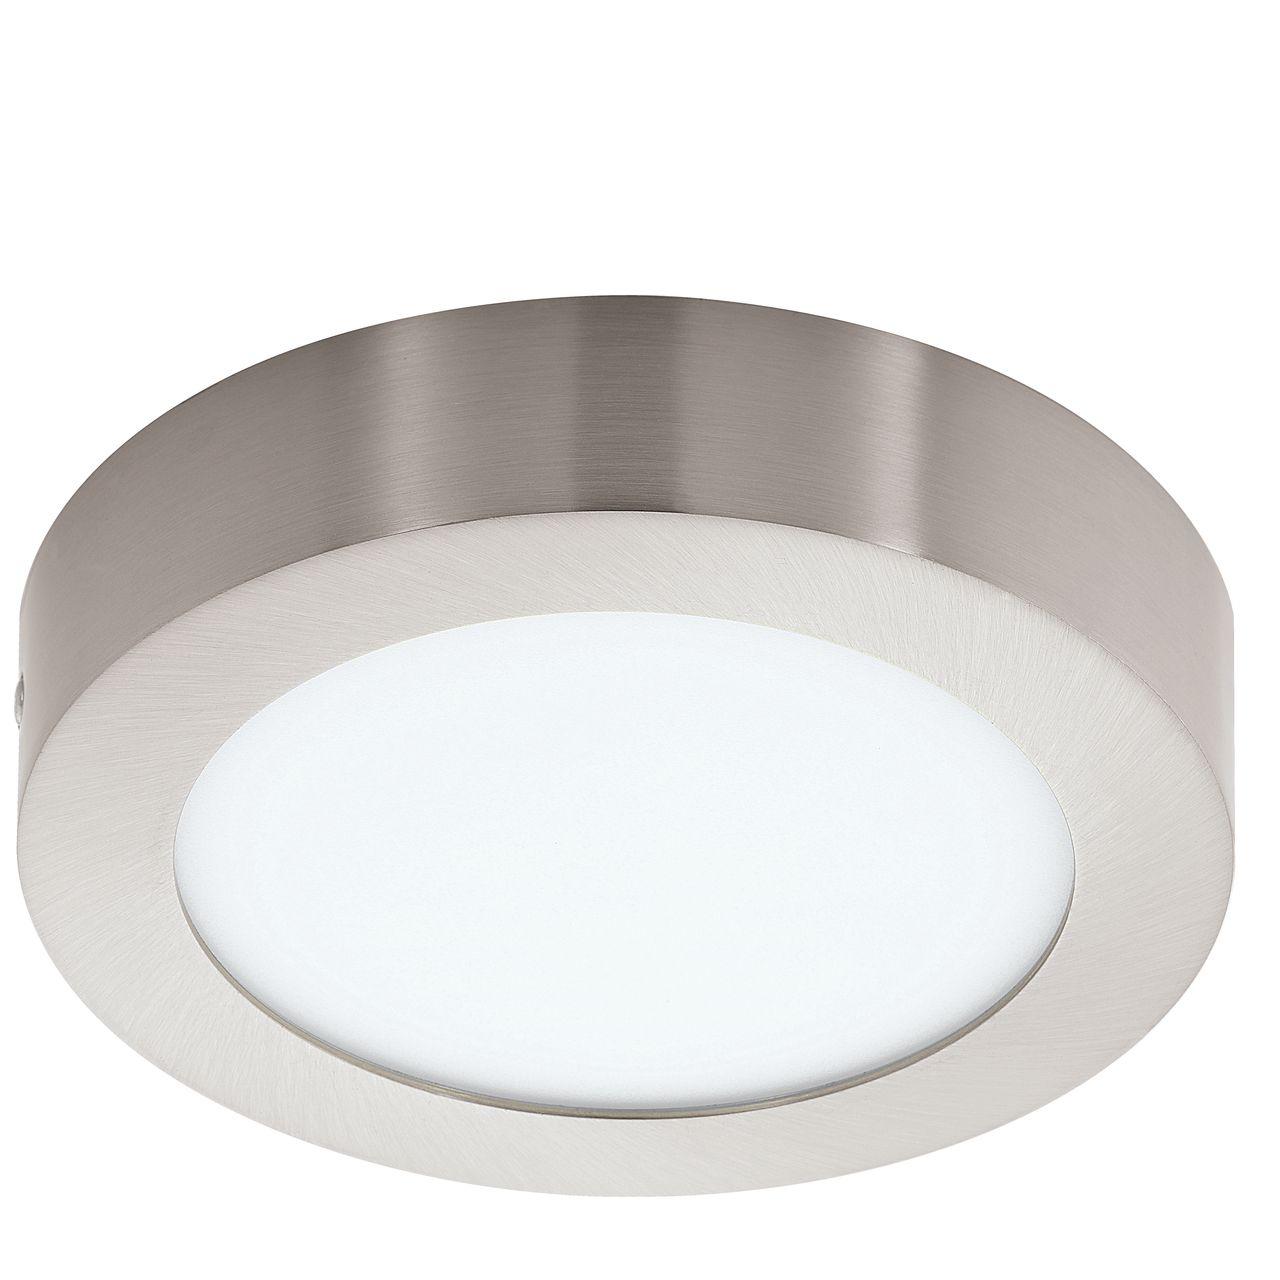 Накладной светильник Eglo, LED, 10.95 Вт потолочный светильник накладной argenta 4848